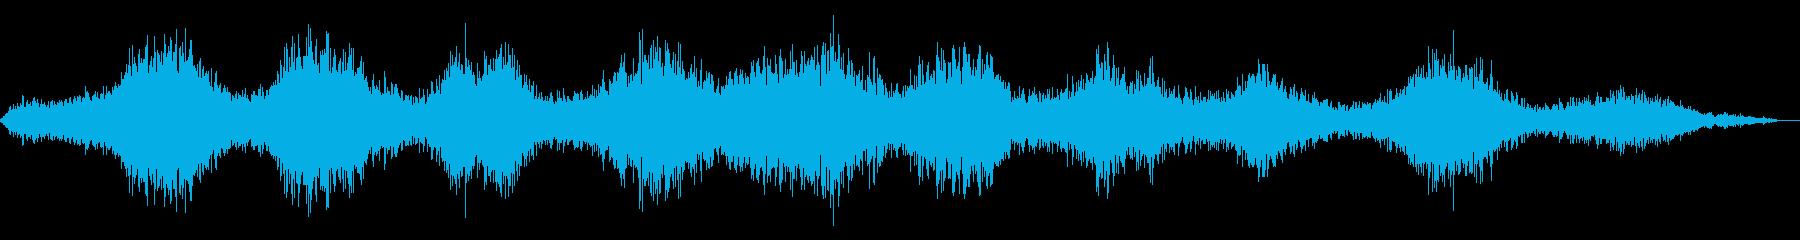 【ダークアンビエント】亡霊のすみかの再生済みの波形